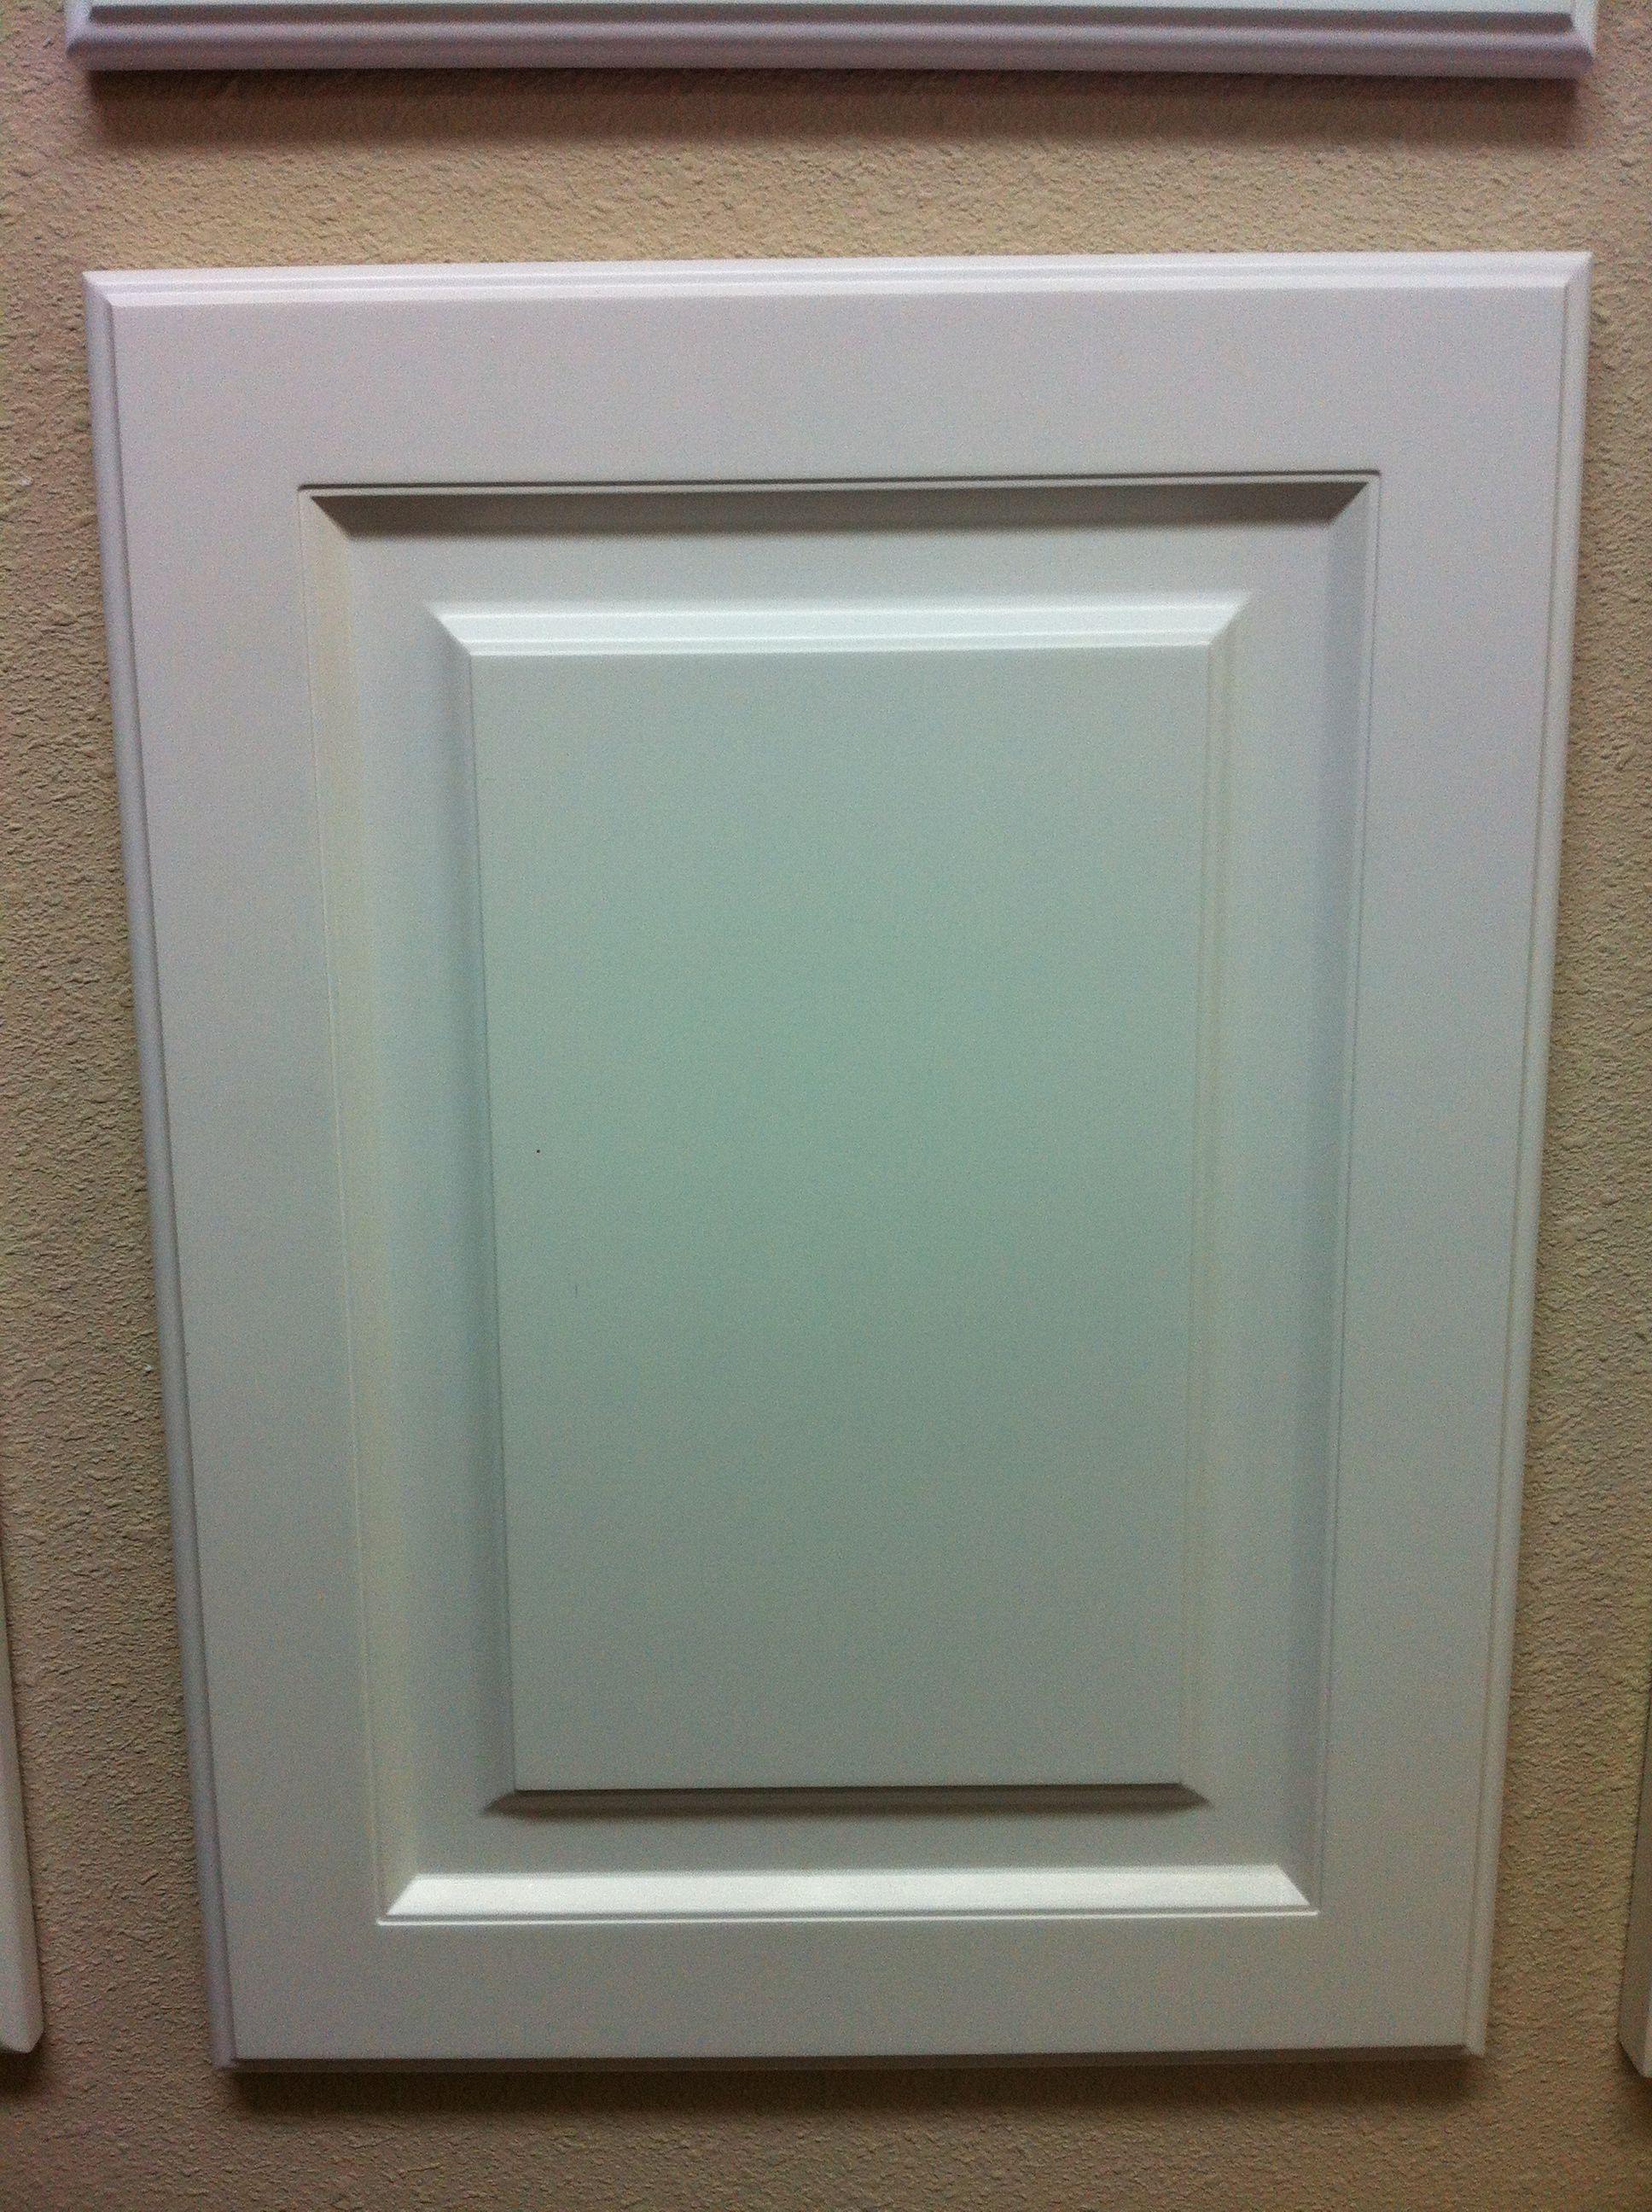 mdf doors beaded gallery raised designs myher door llc panel cabinet